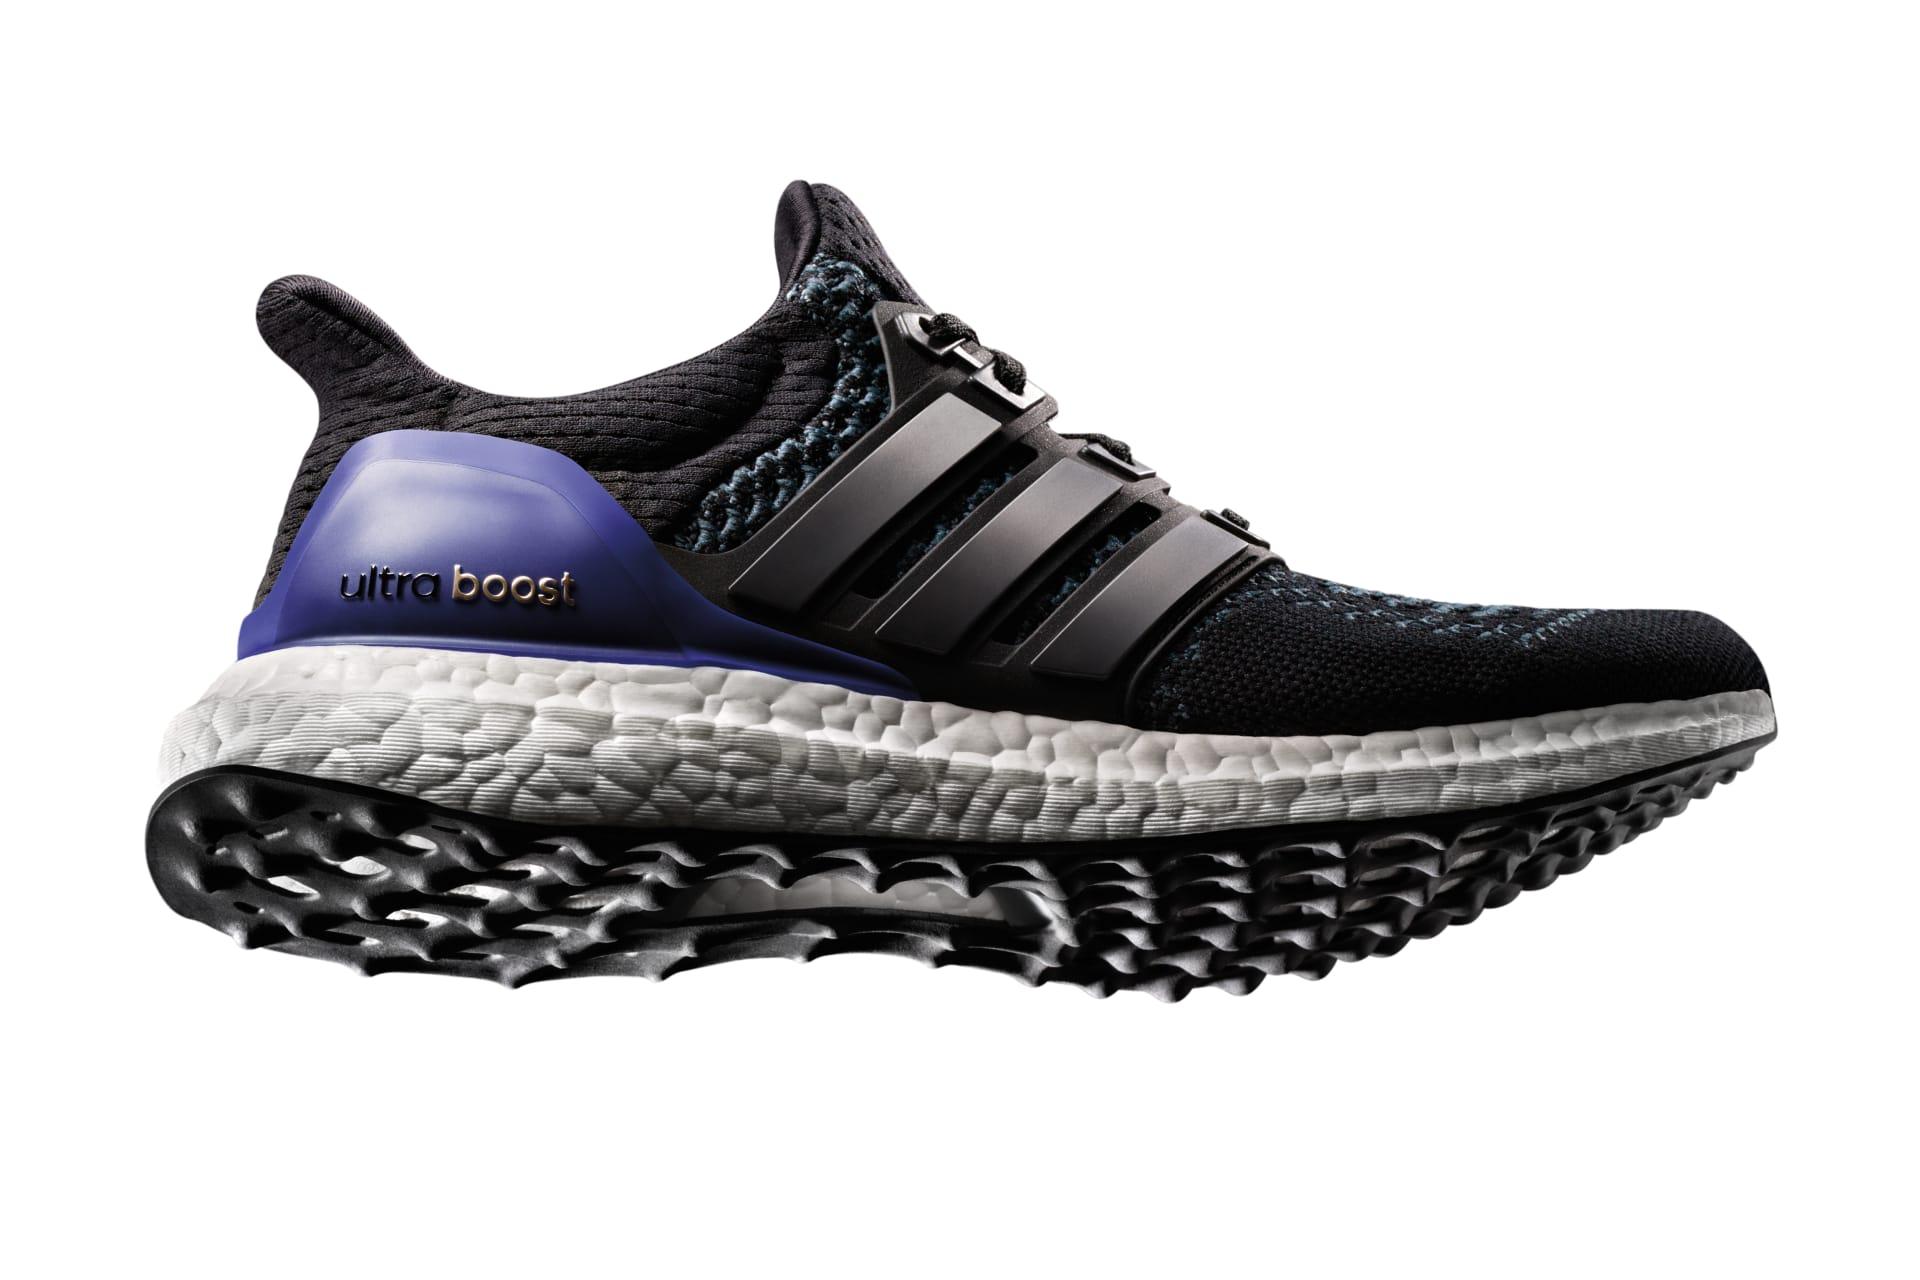 665159acc5b234 Best Sneakers of 2015